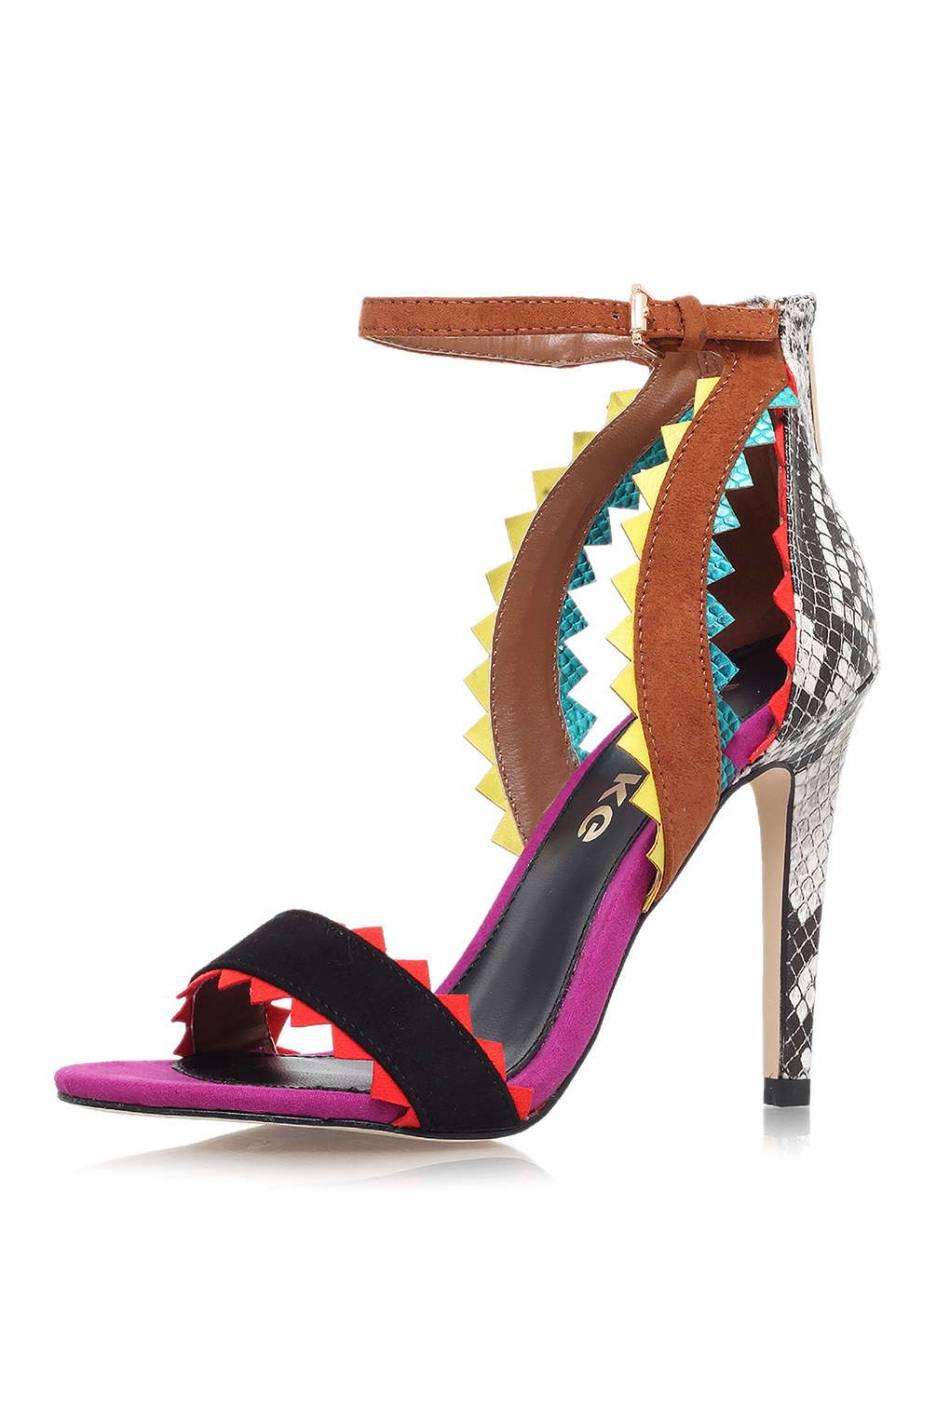 Sandales multicolores Miss Kurt Geiger, 98€ au lieu de 125€, sur le site de Topshop.